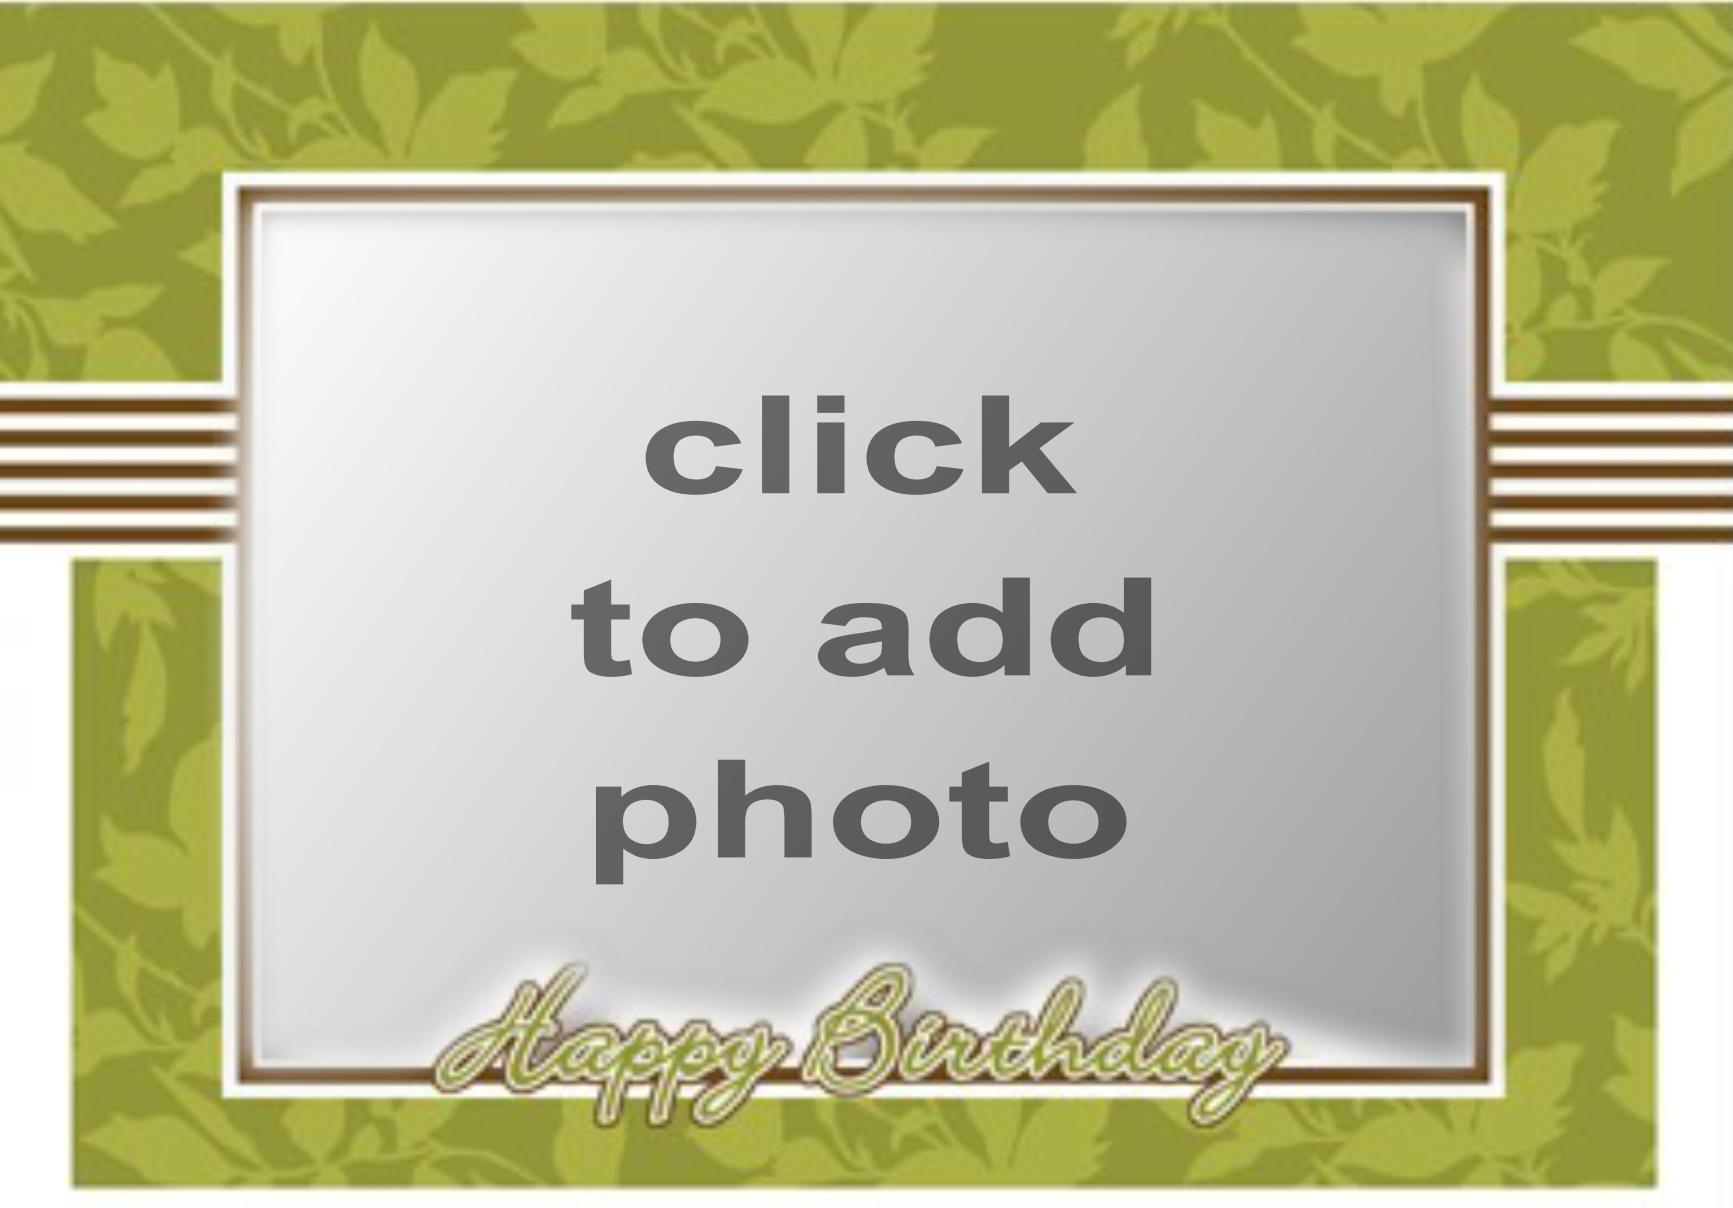 Imikimi Zo - Special Day Frames - 2008 - 2009 - Happy Birthday Photo ...